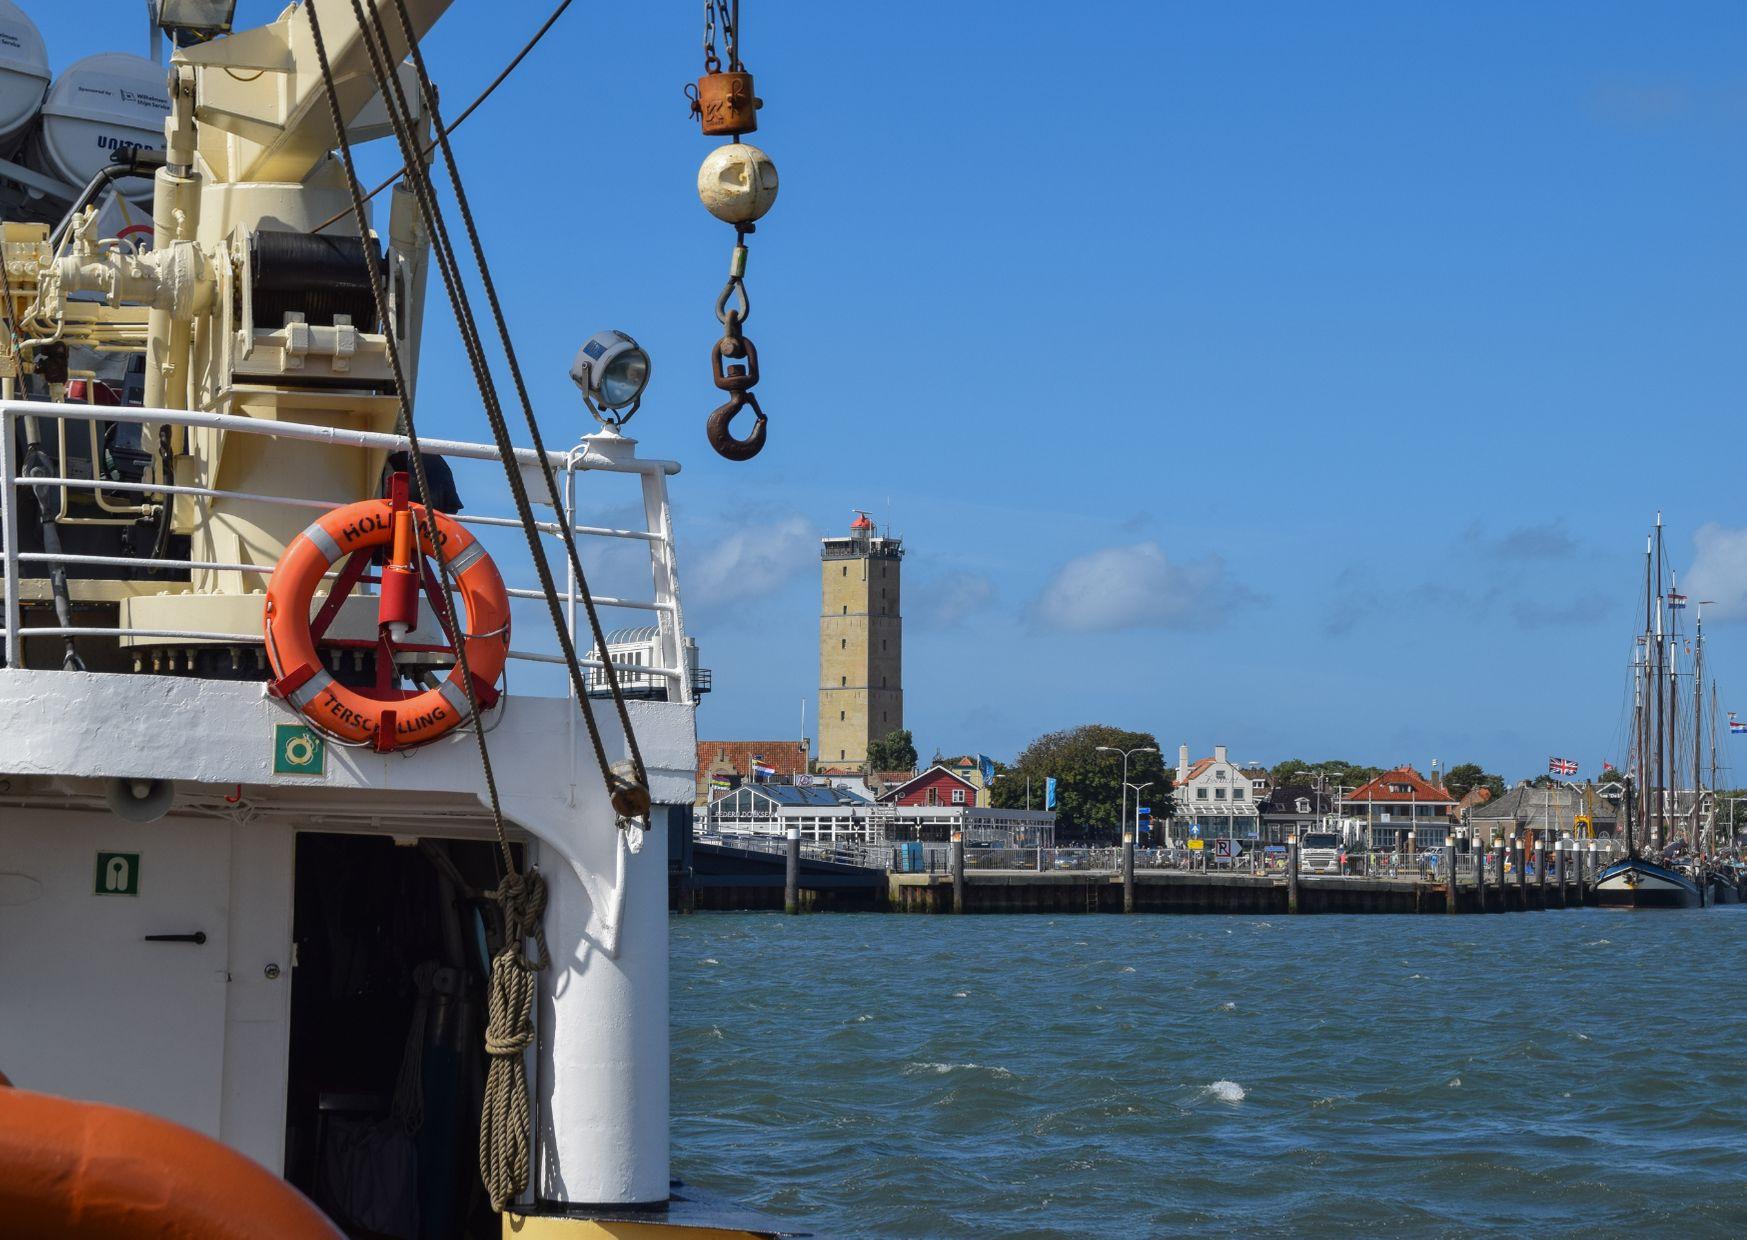 Zeesleepboot Holland door Jacoba de Graaf